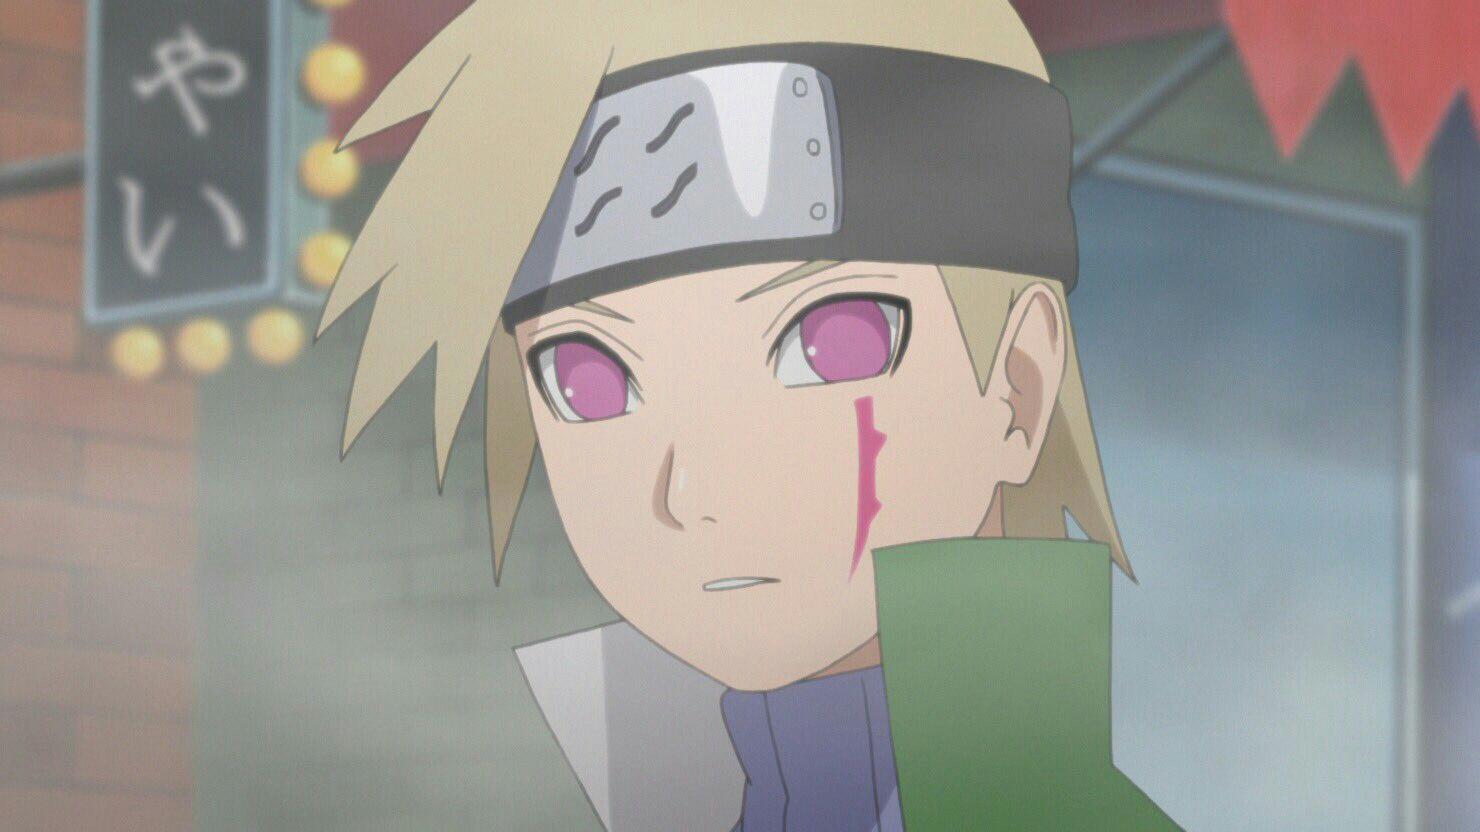 Boruto: Naruto Next Generations - 25, Боруто: Новое поколение Наруто 25, Боруто, аниме Боруто, 25 серия, озвучка, субтитры, скачать